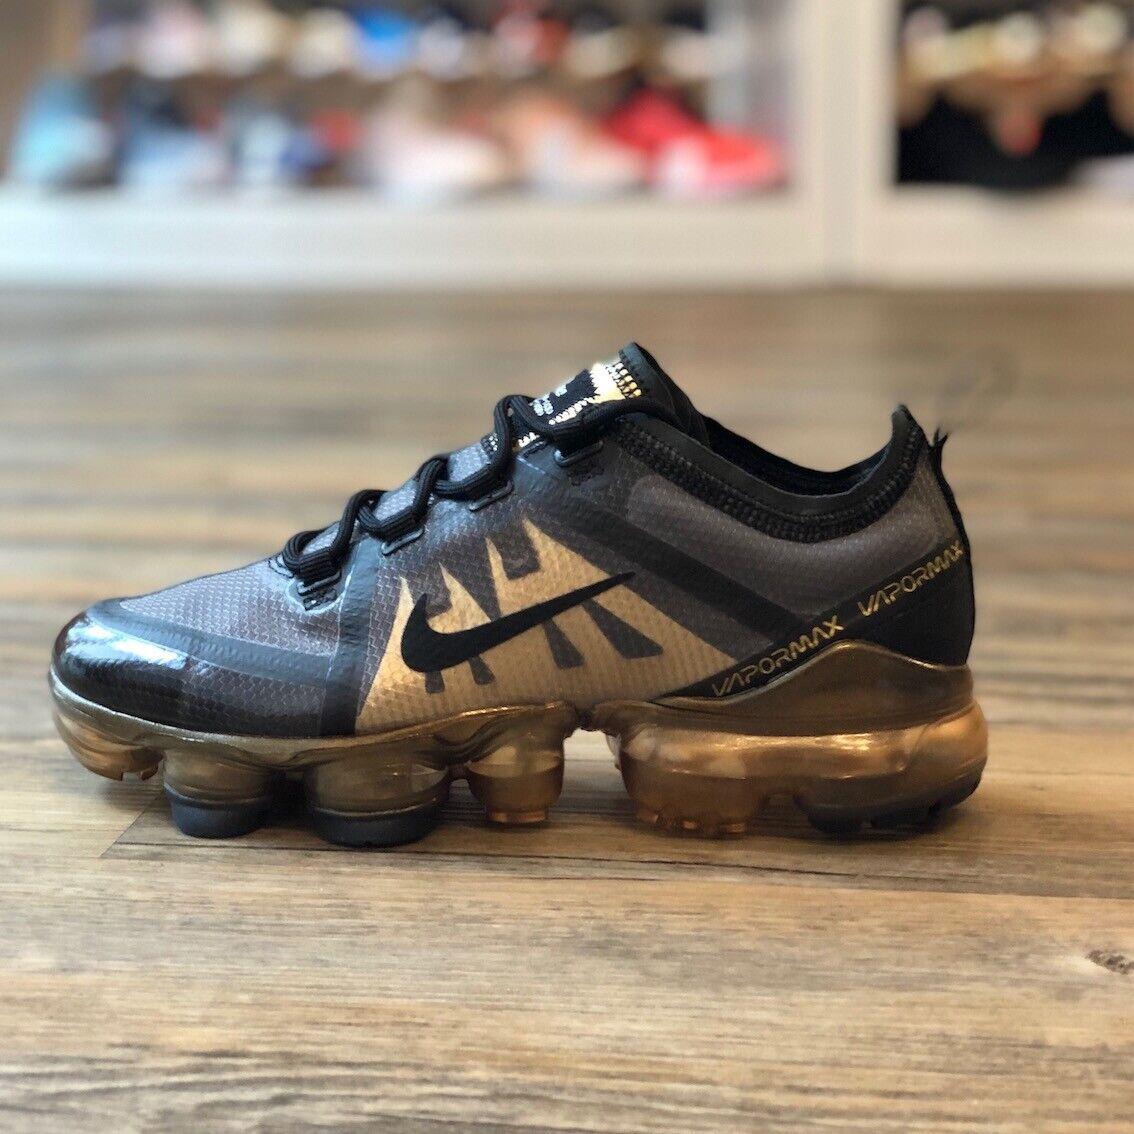 Nike Air VaporMax Gr.36 Running Turnschuhe schwarz schuhe 90 AJ2616 004